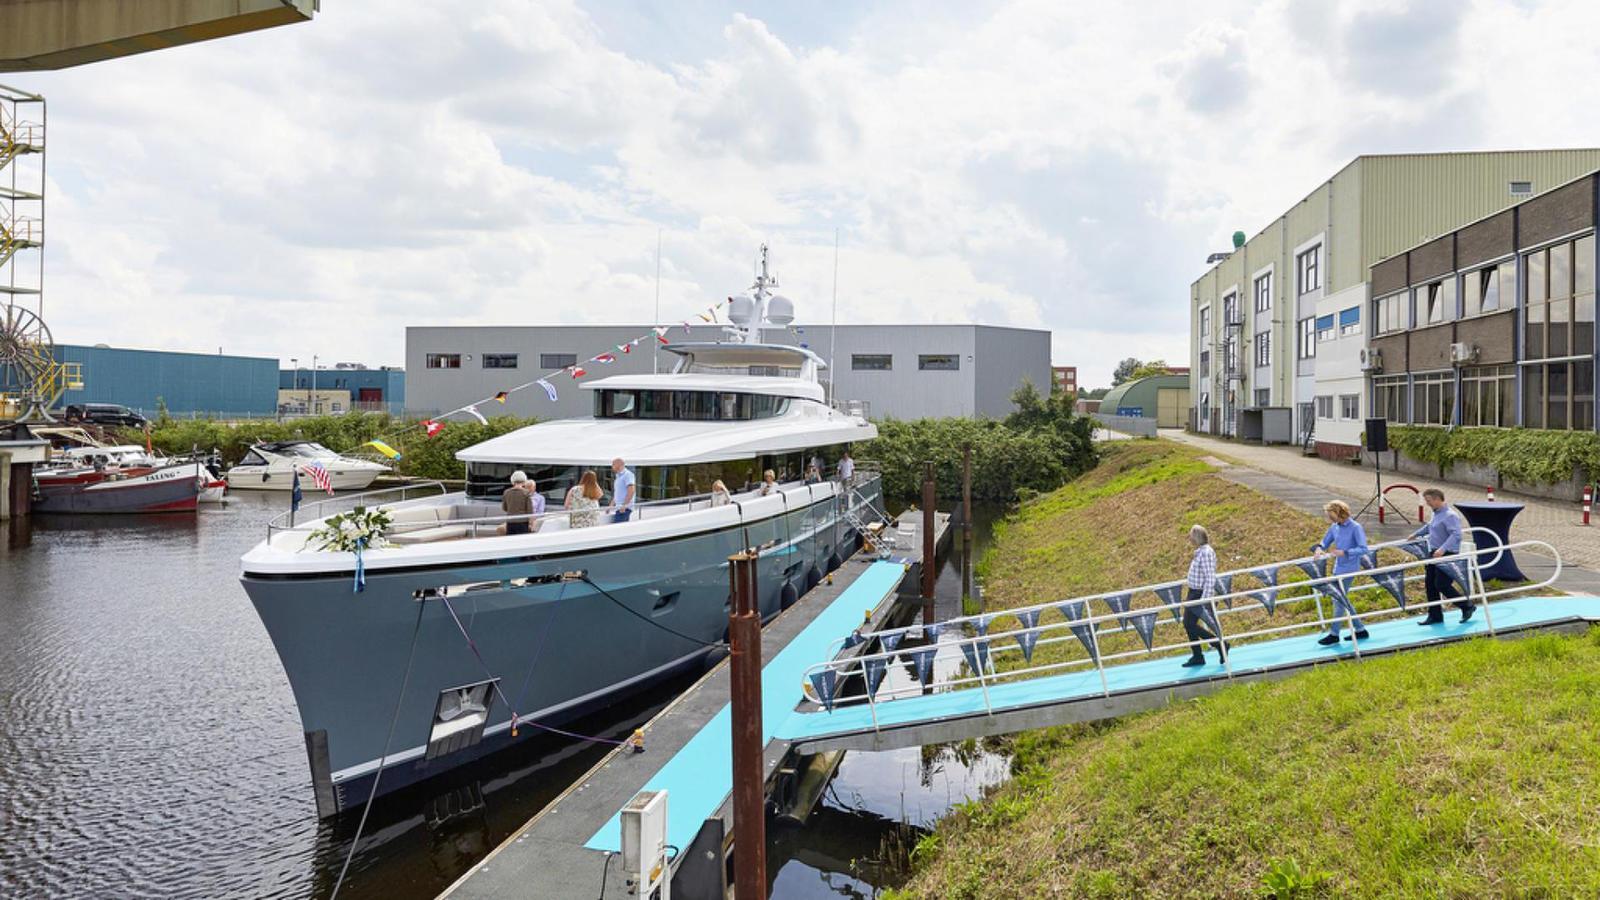 bijoux-motor-yacht-moonen-matica-2016-30m-moored